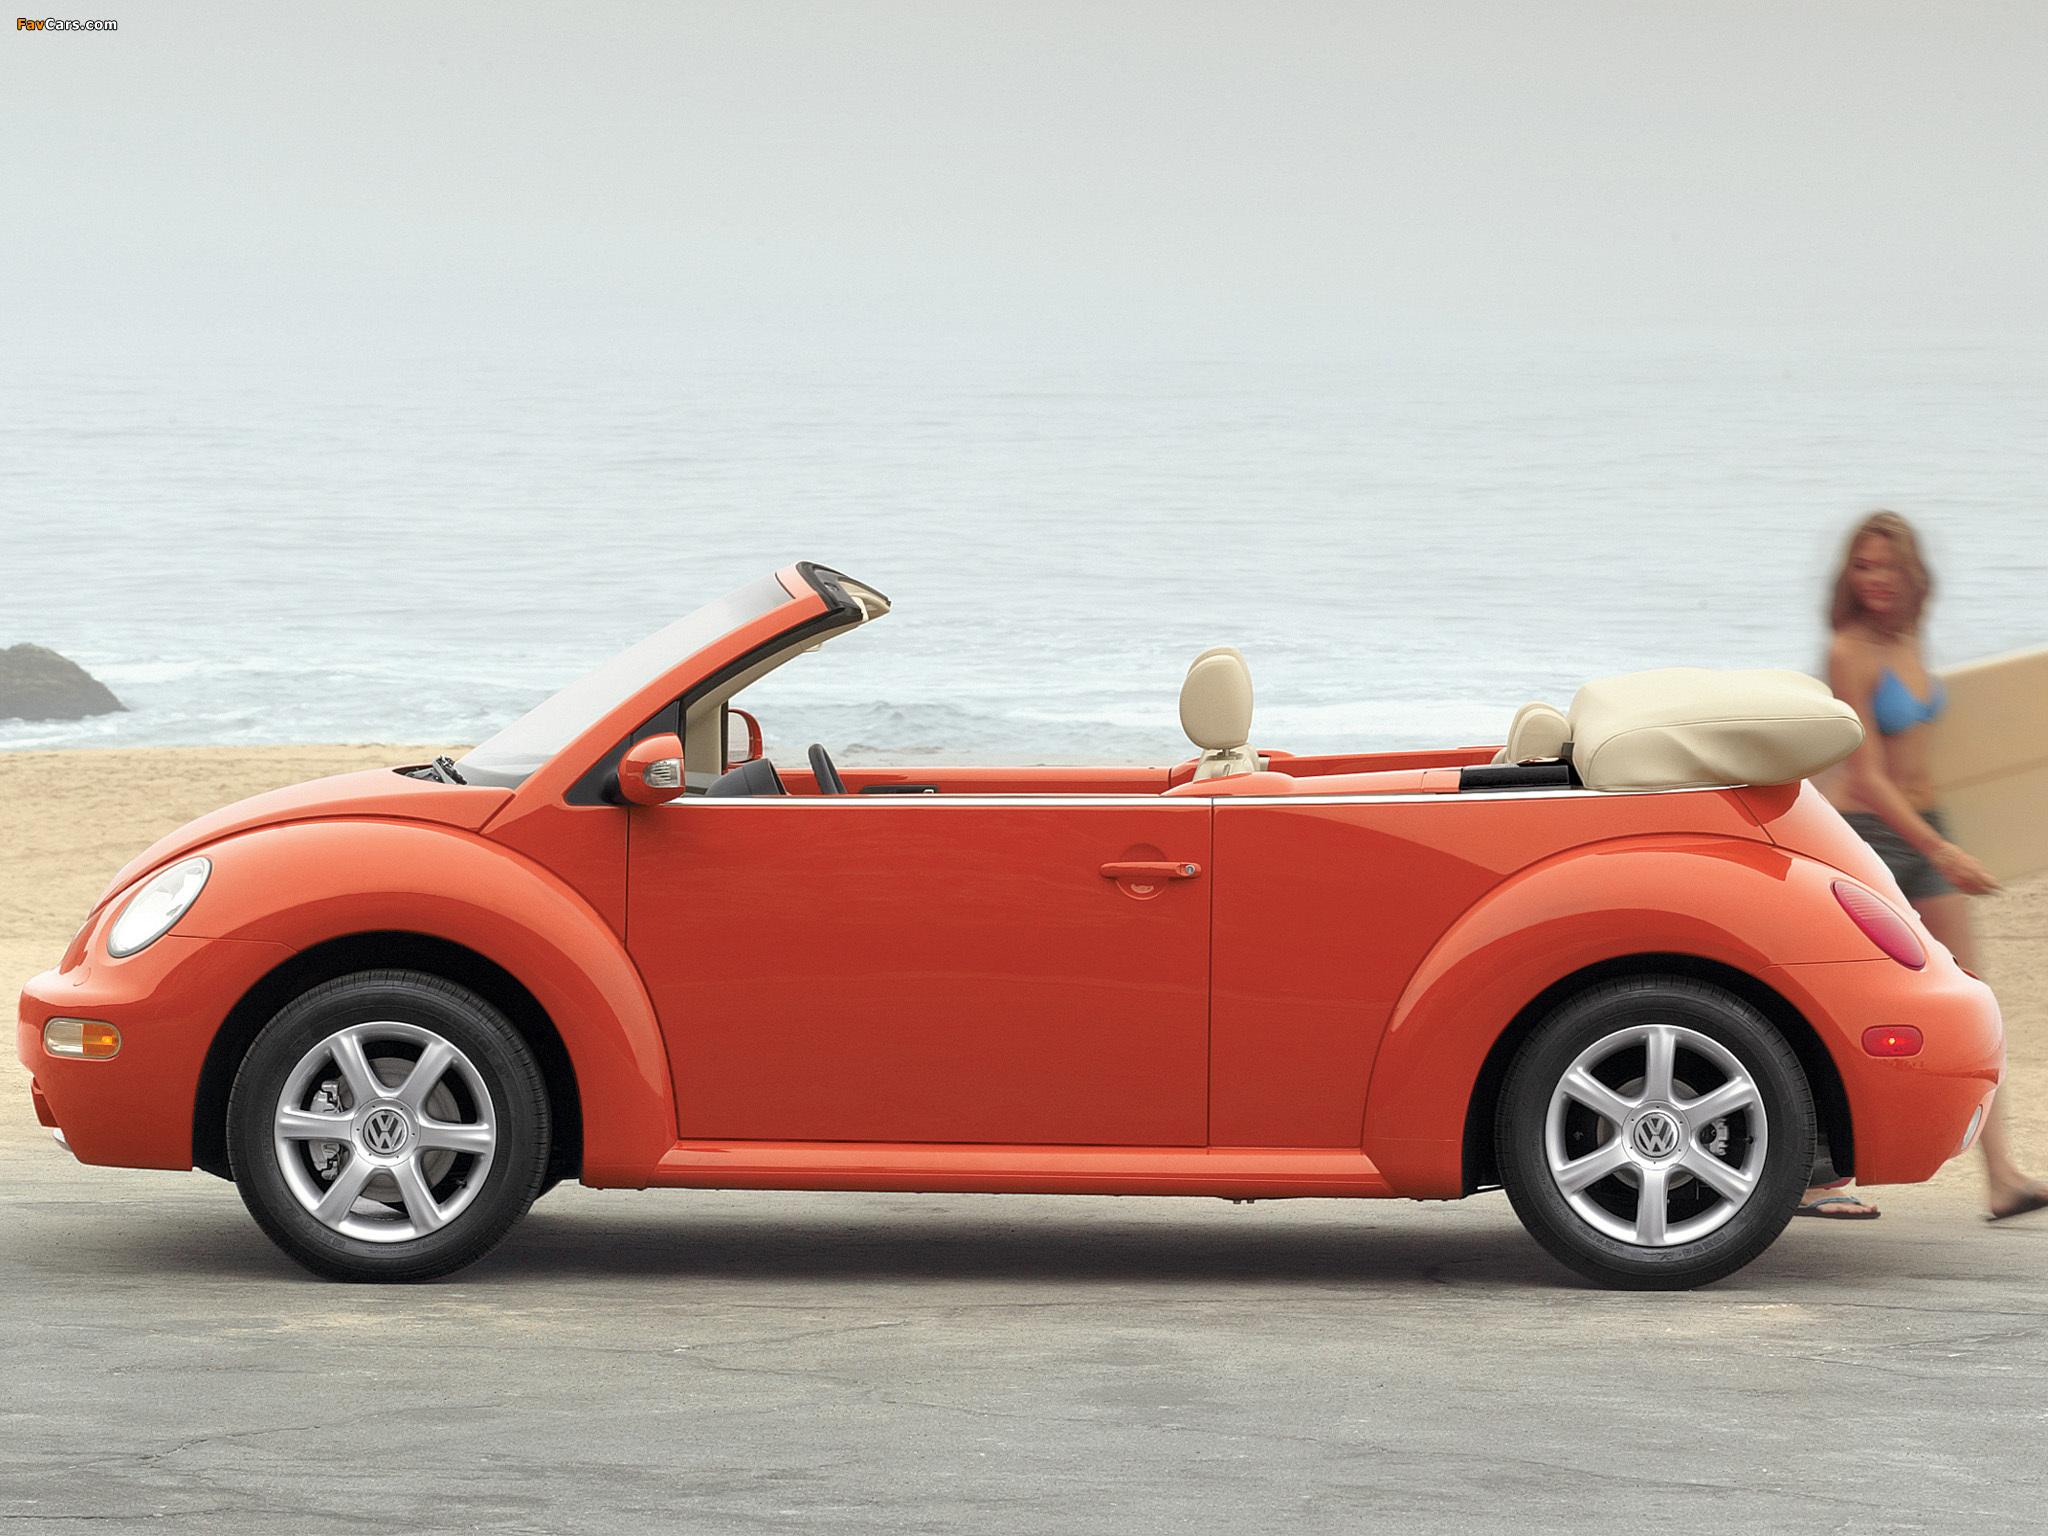 Images Of Volkswagen New Beetle Convertible 2000 05